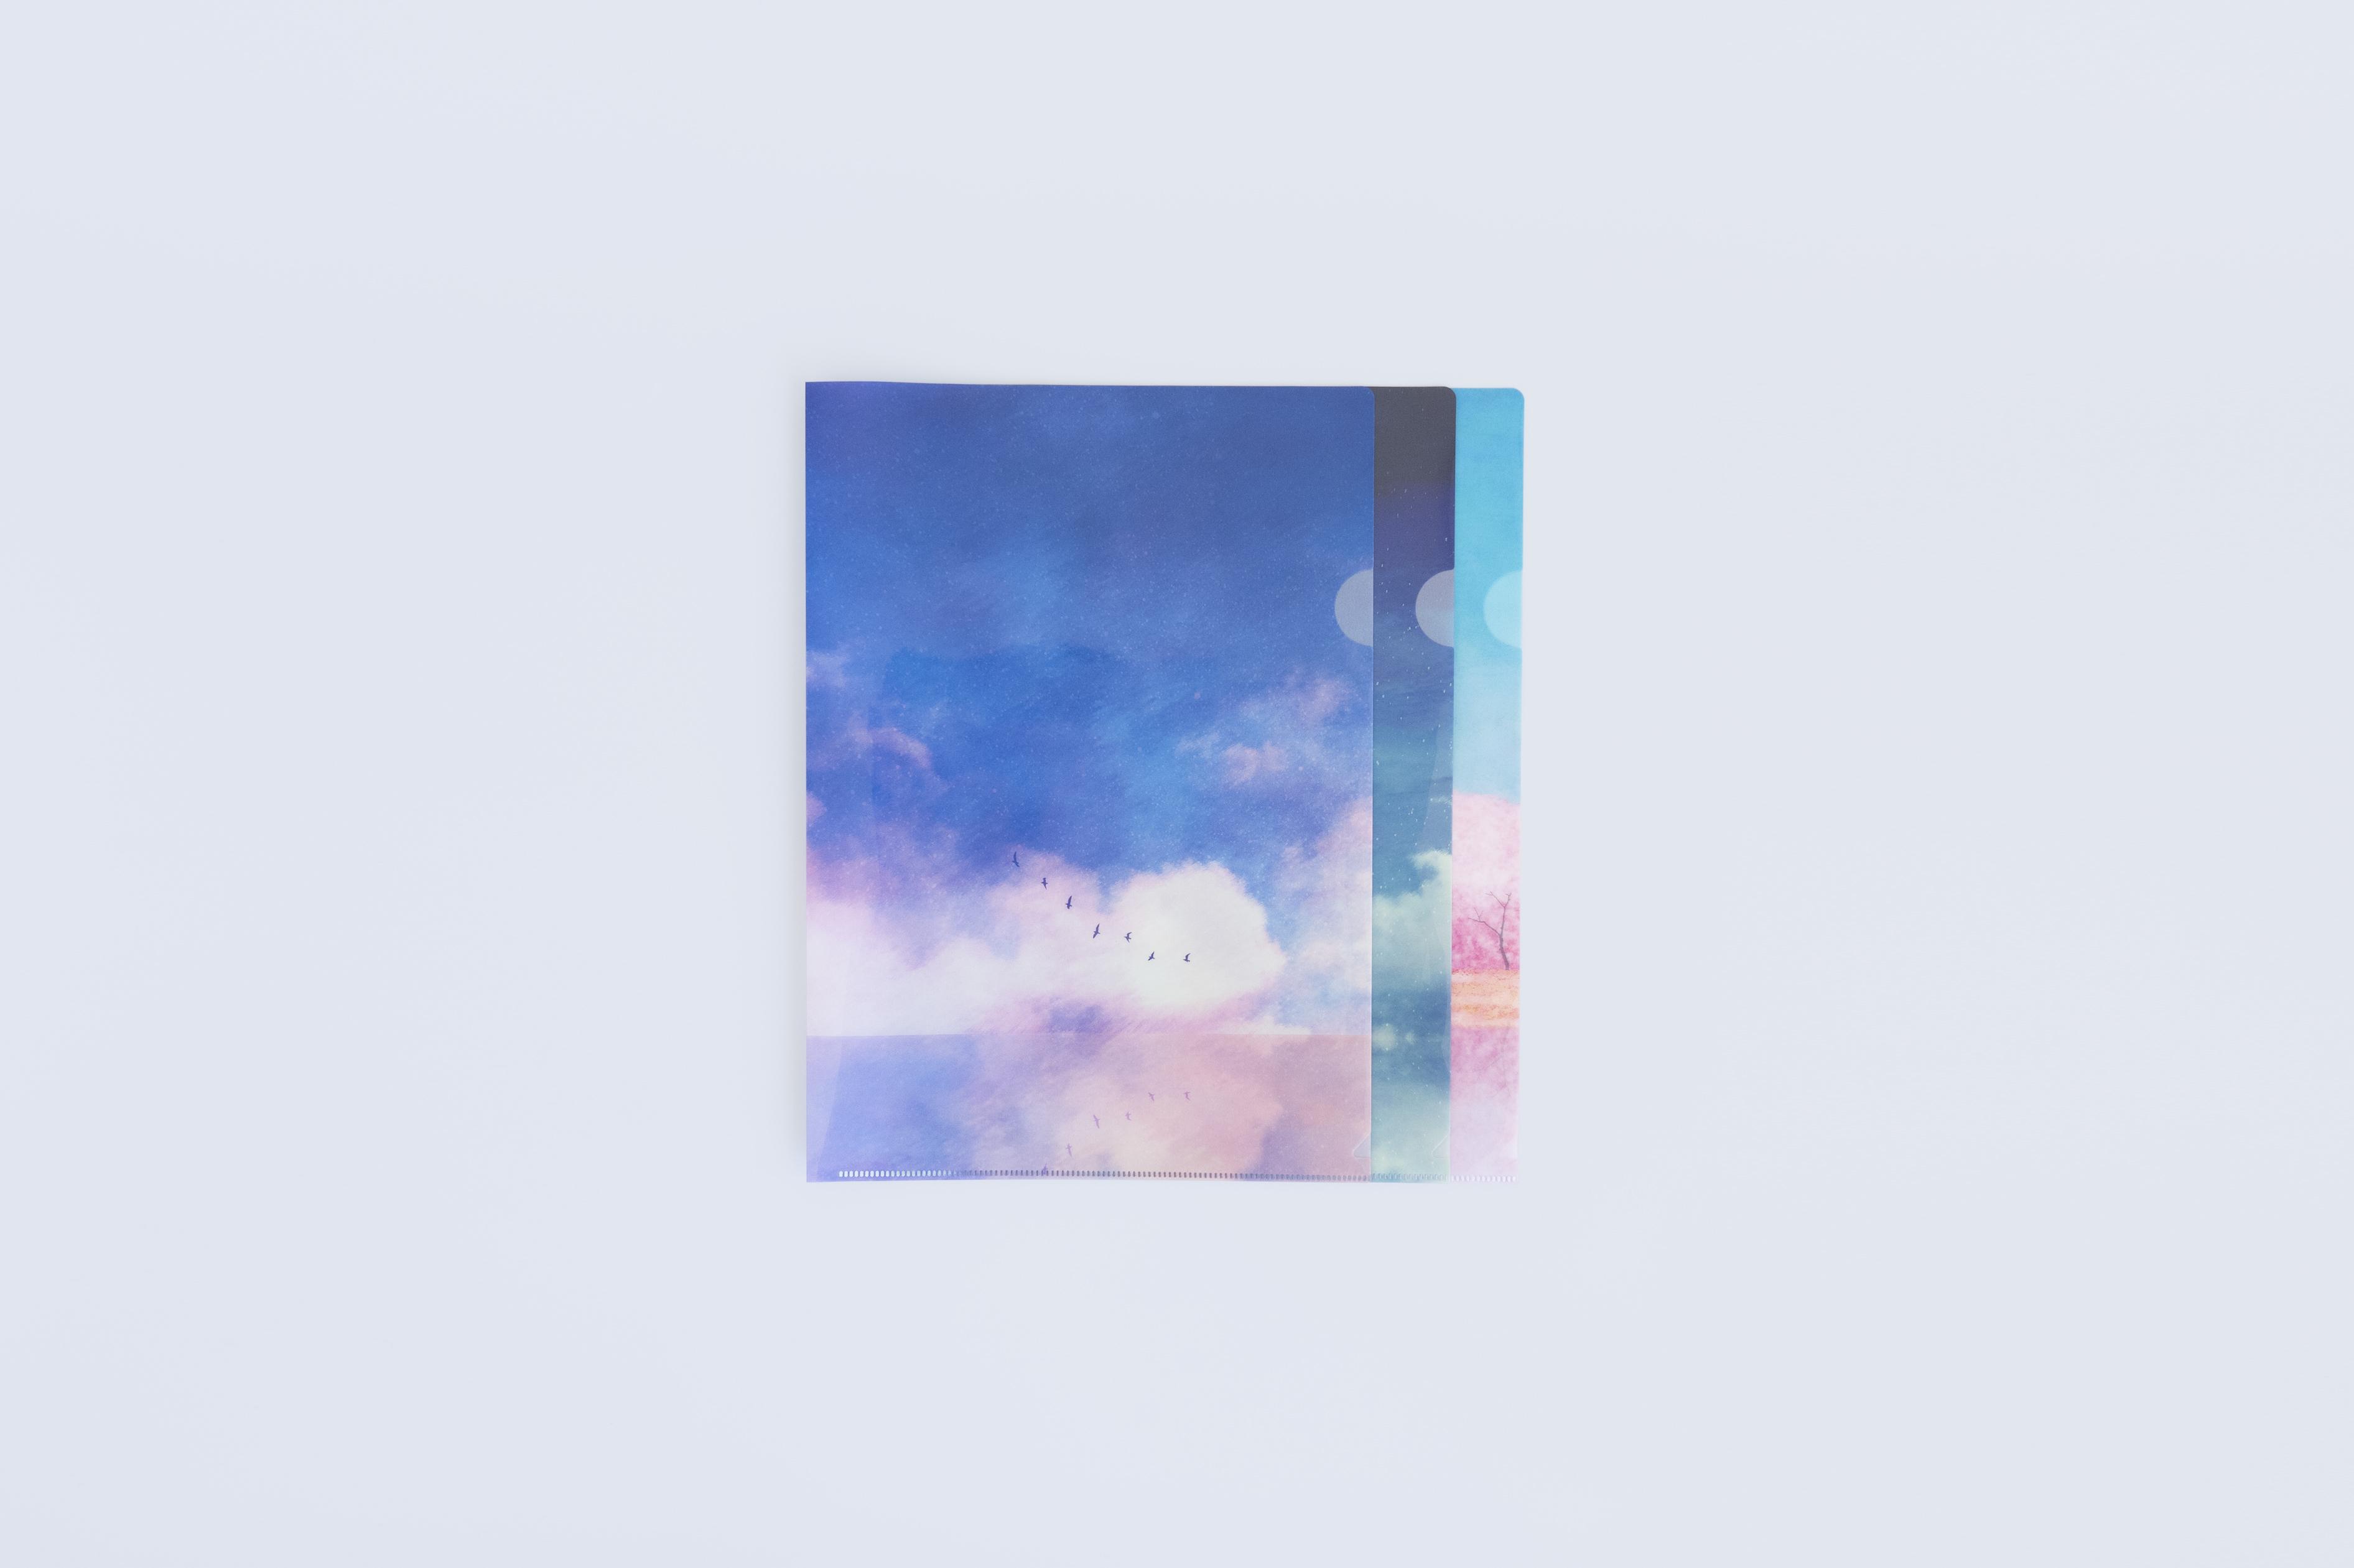 【本日】空を描いたクリアファイルを発売します。